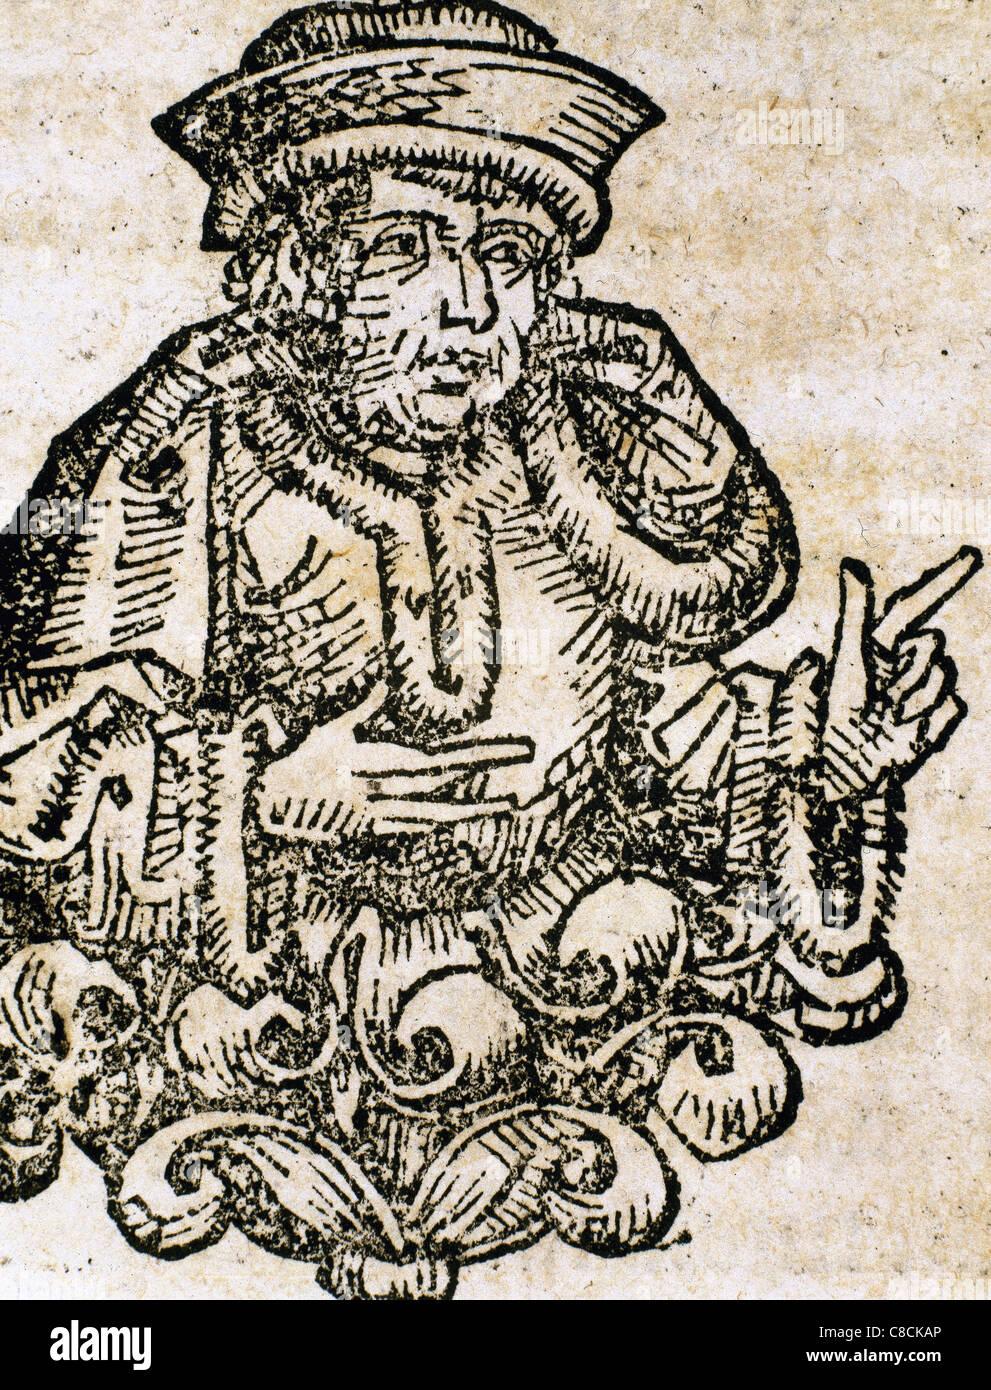 Demosthenes (384-322). Greek orator and statesman. Engraving. - Stock Image